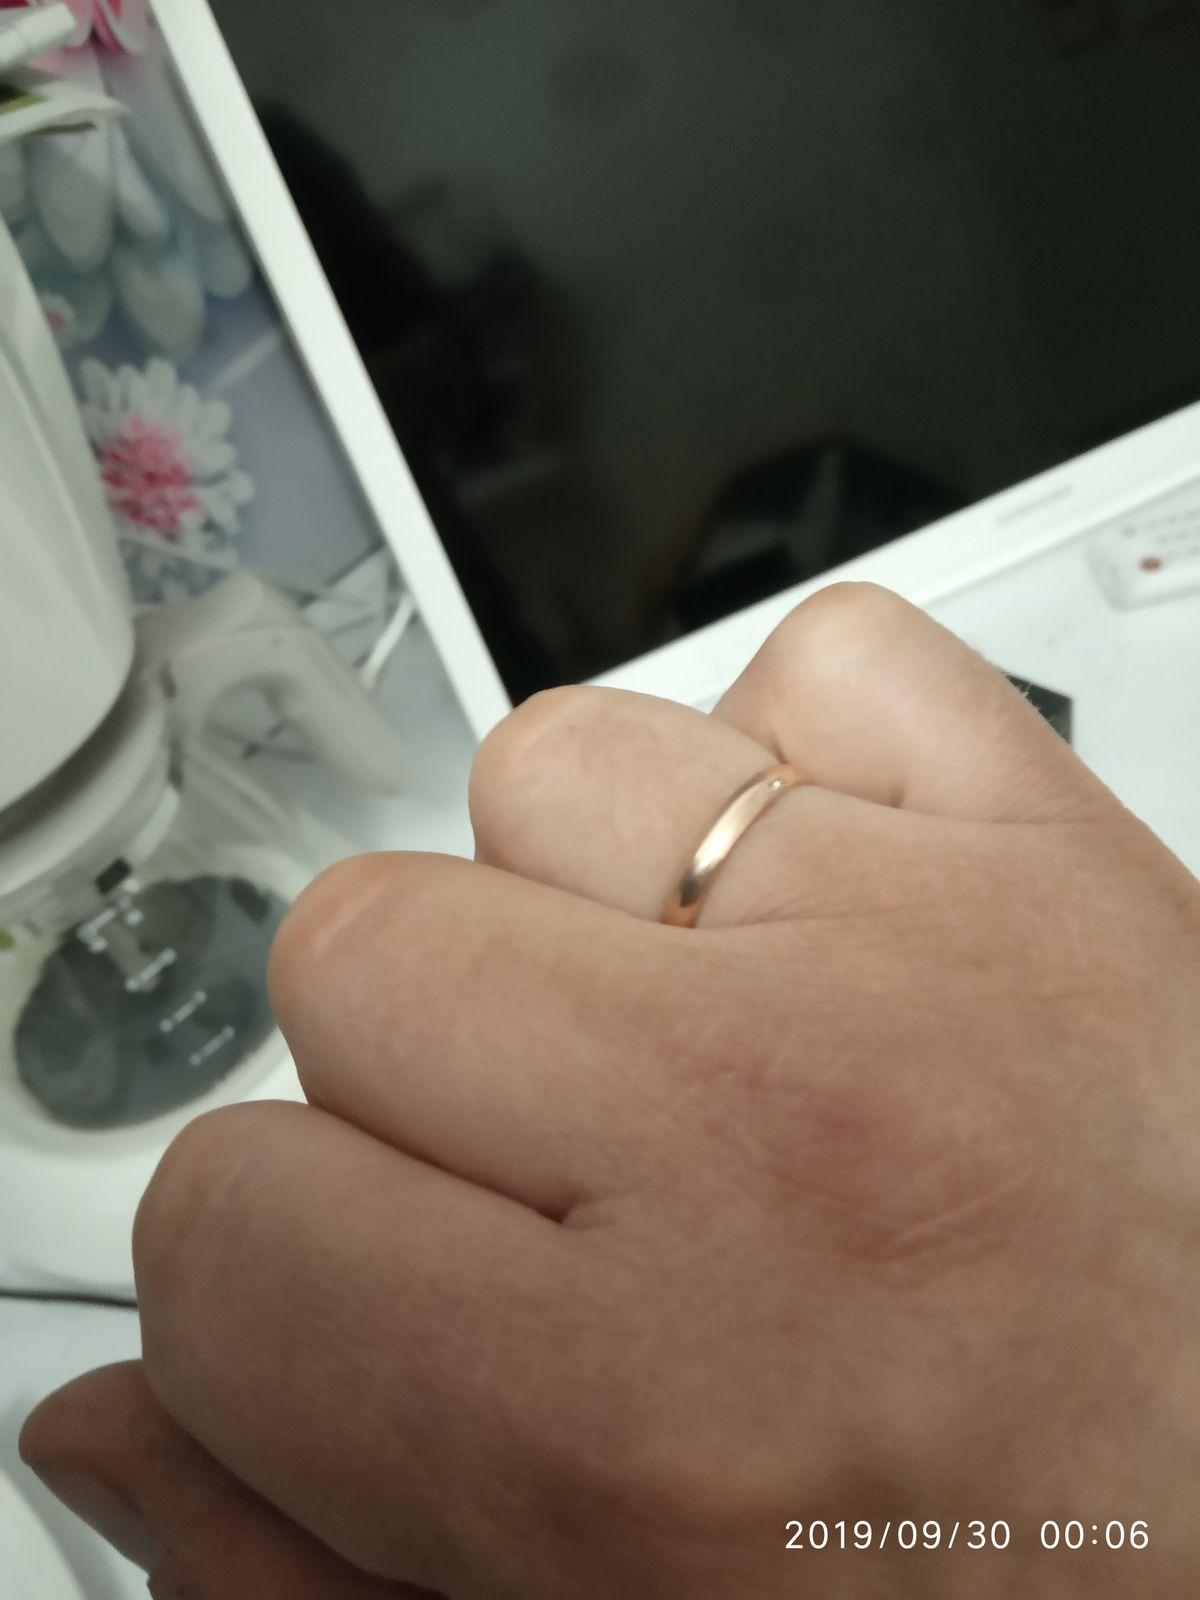 Самое лучшее обручальное кольцо. Моей будущей жене оно очень понравилось